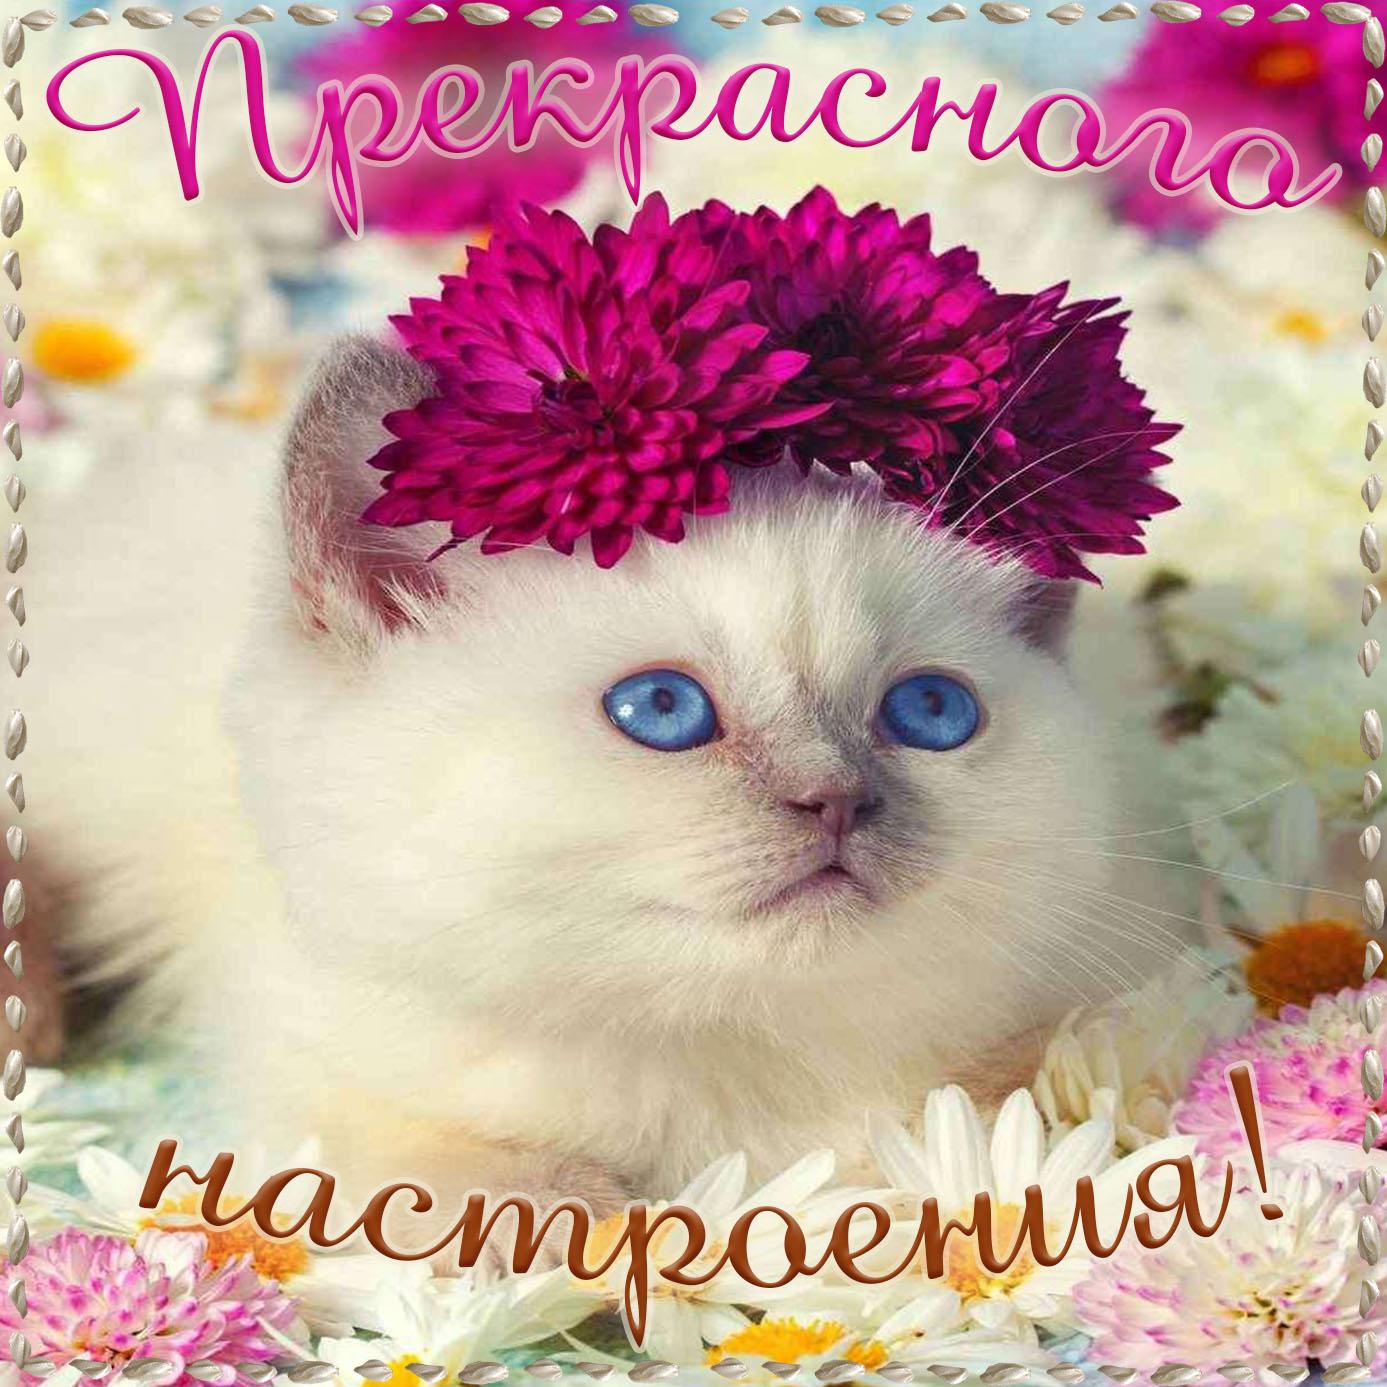 Милый котик желает всем прекрасного настроения